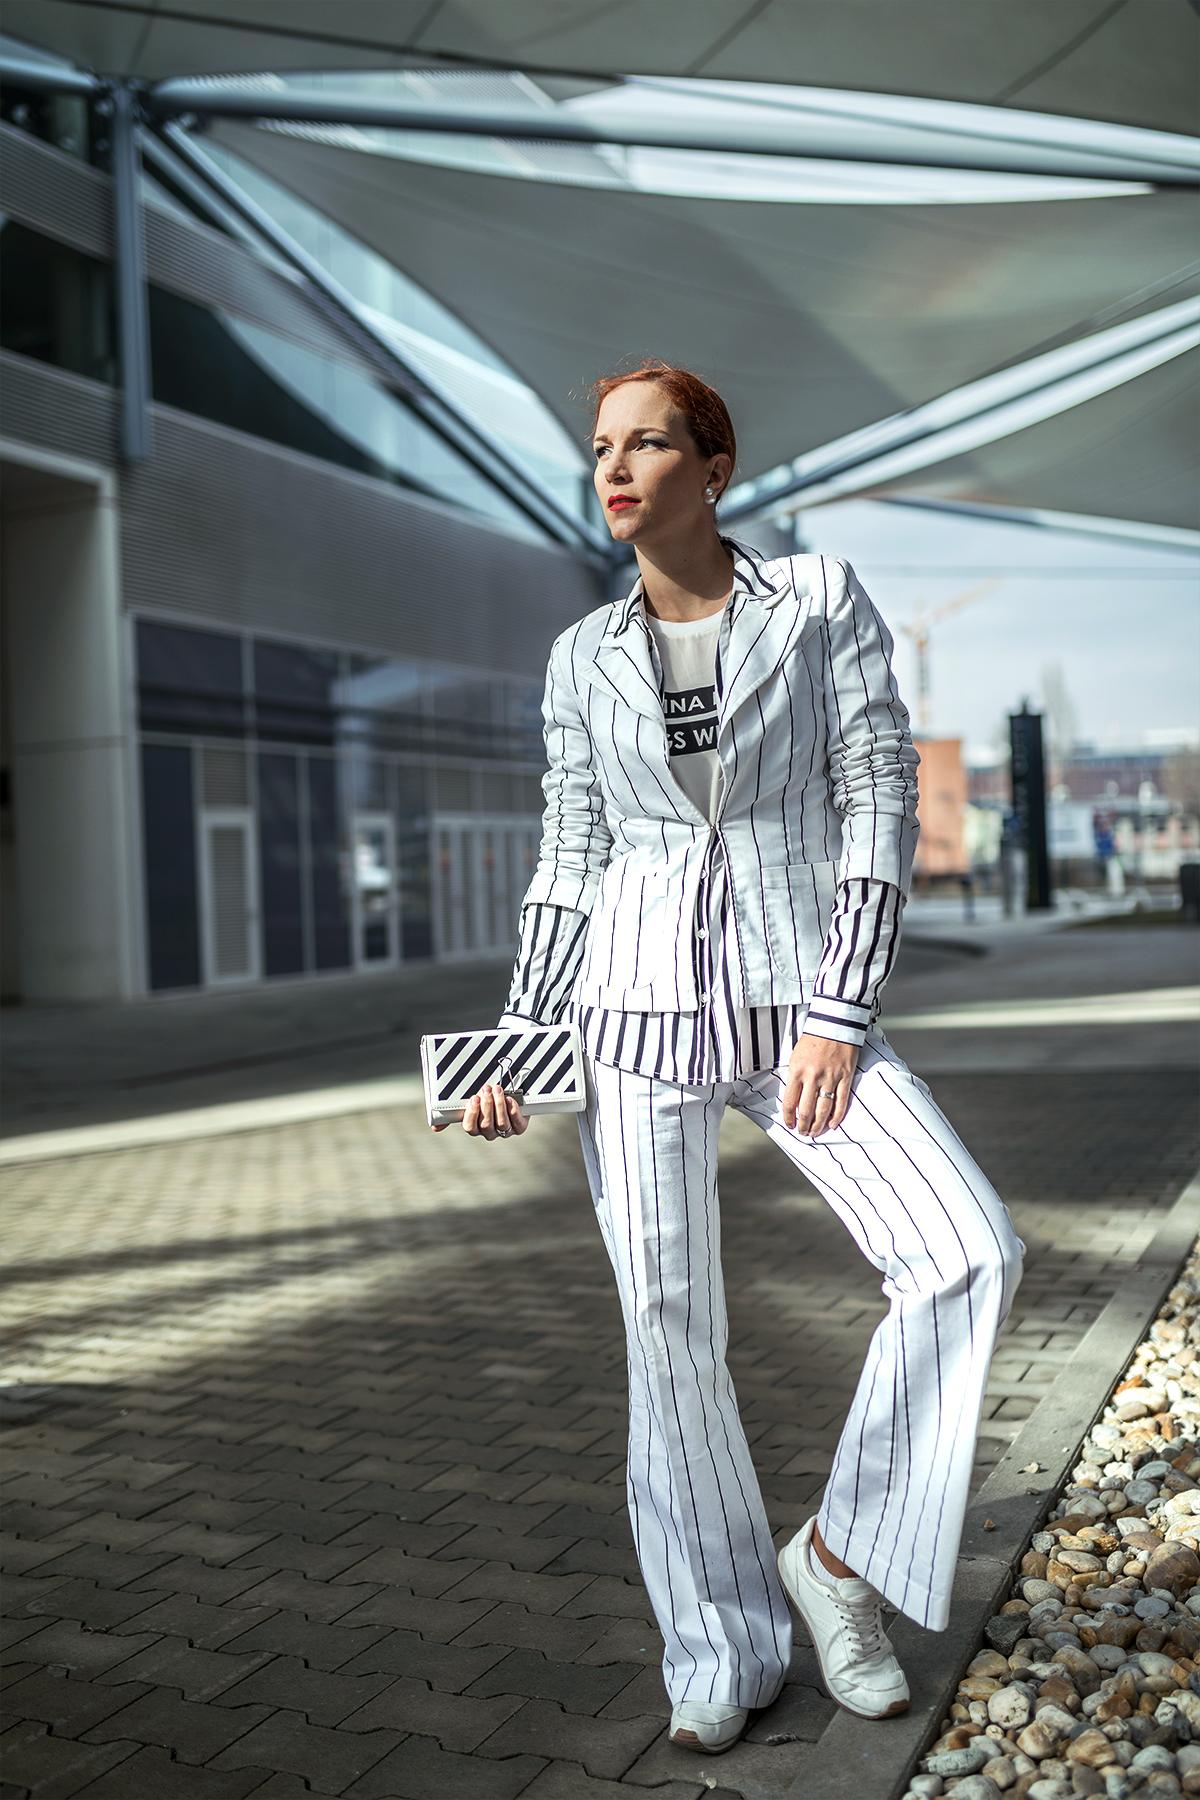 af210e377c8e ... prinášam vám podrobne rozpracovaný jeden z jarných trendov  dámsky  nohavicový kostým. Možností